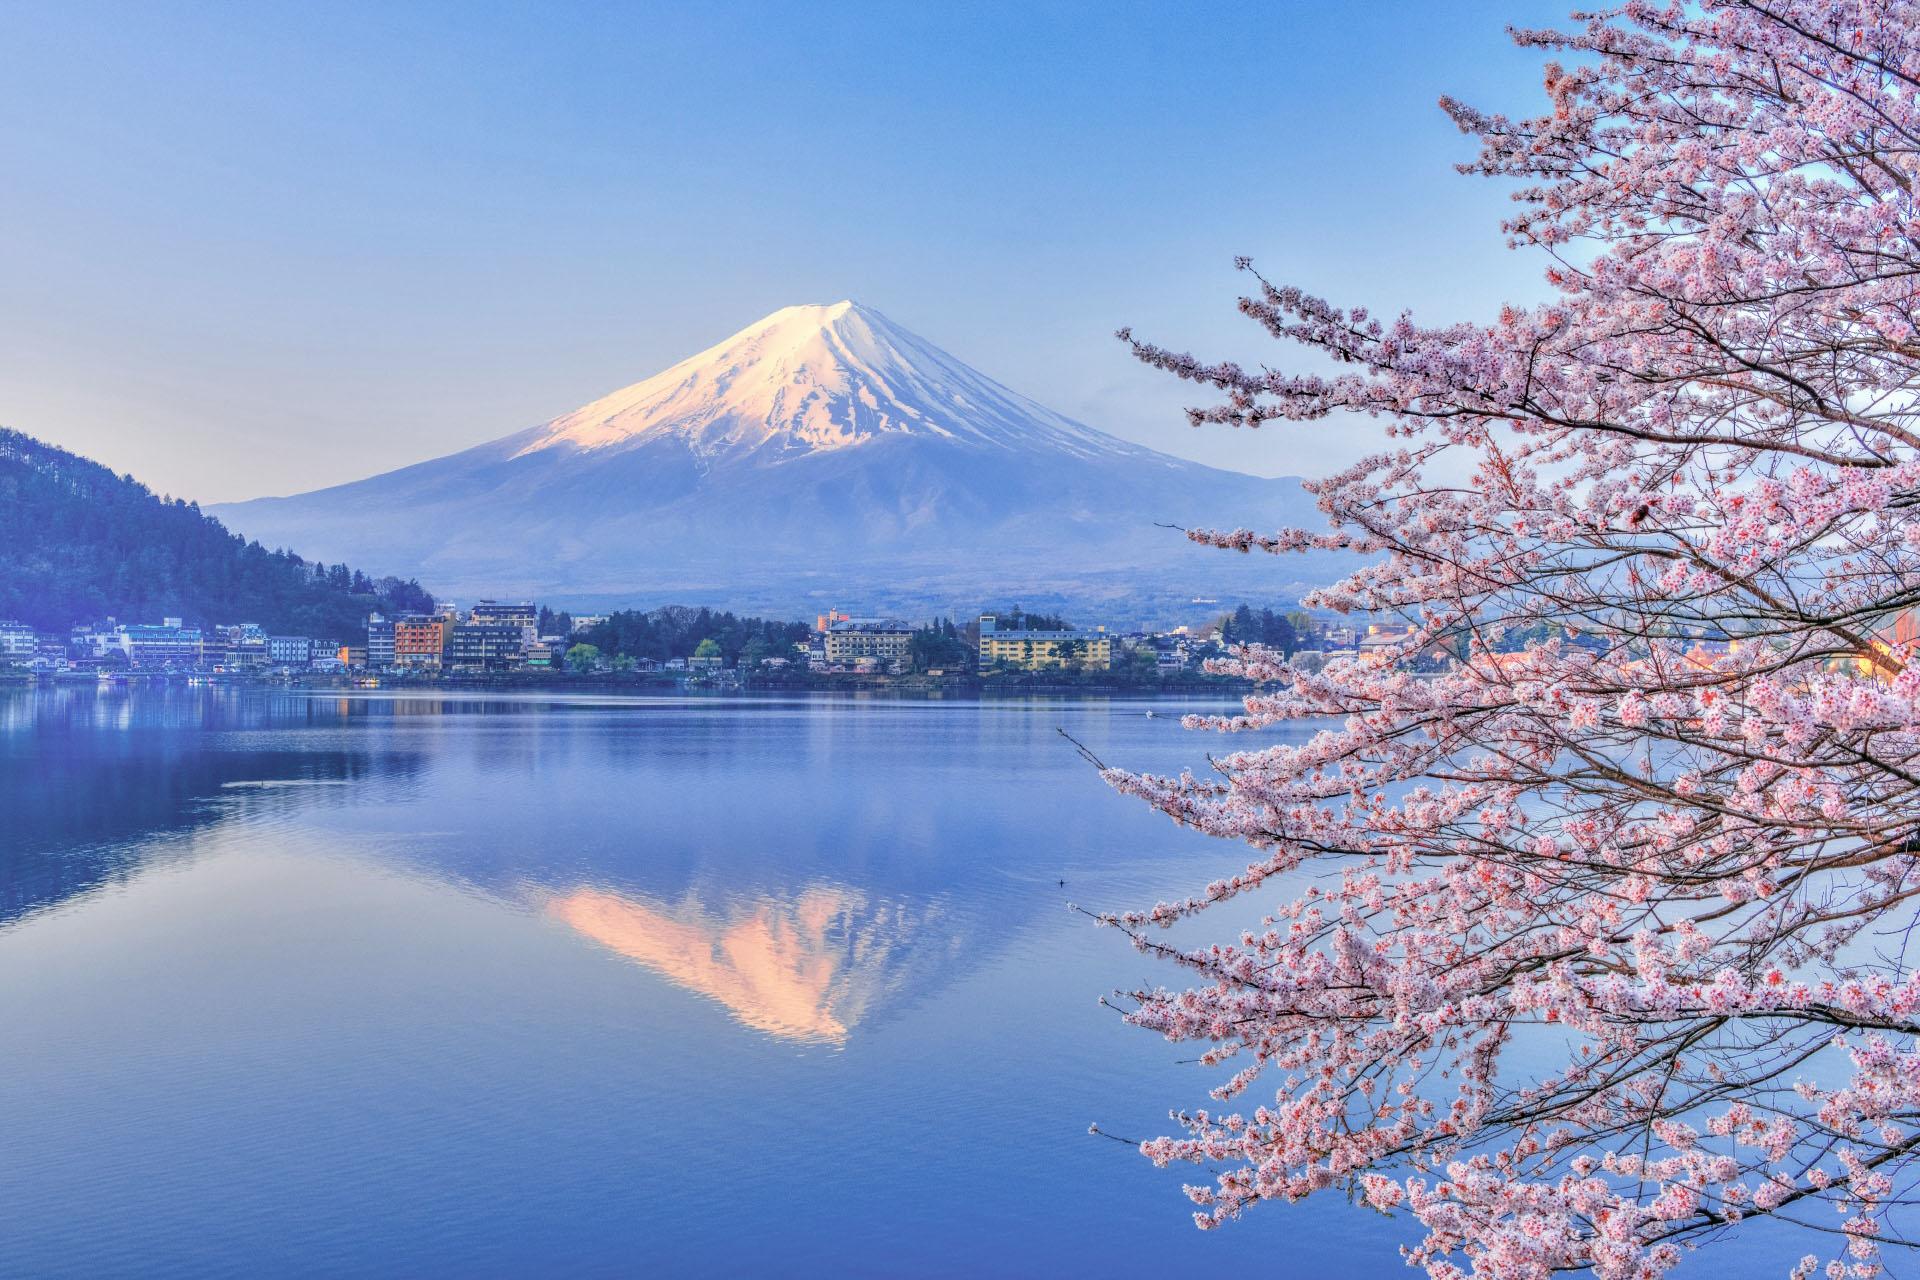 河口湖と桜と富士山 山梨の風景